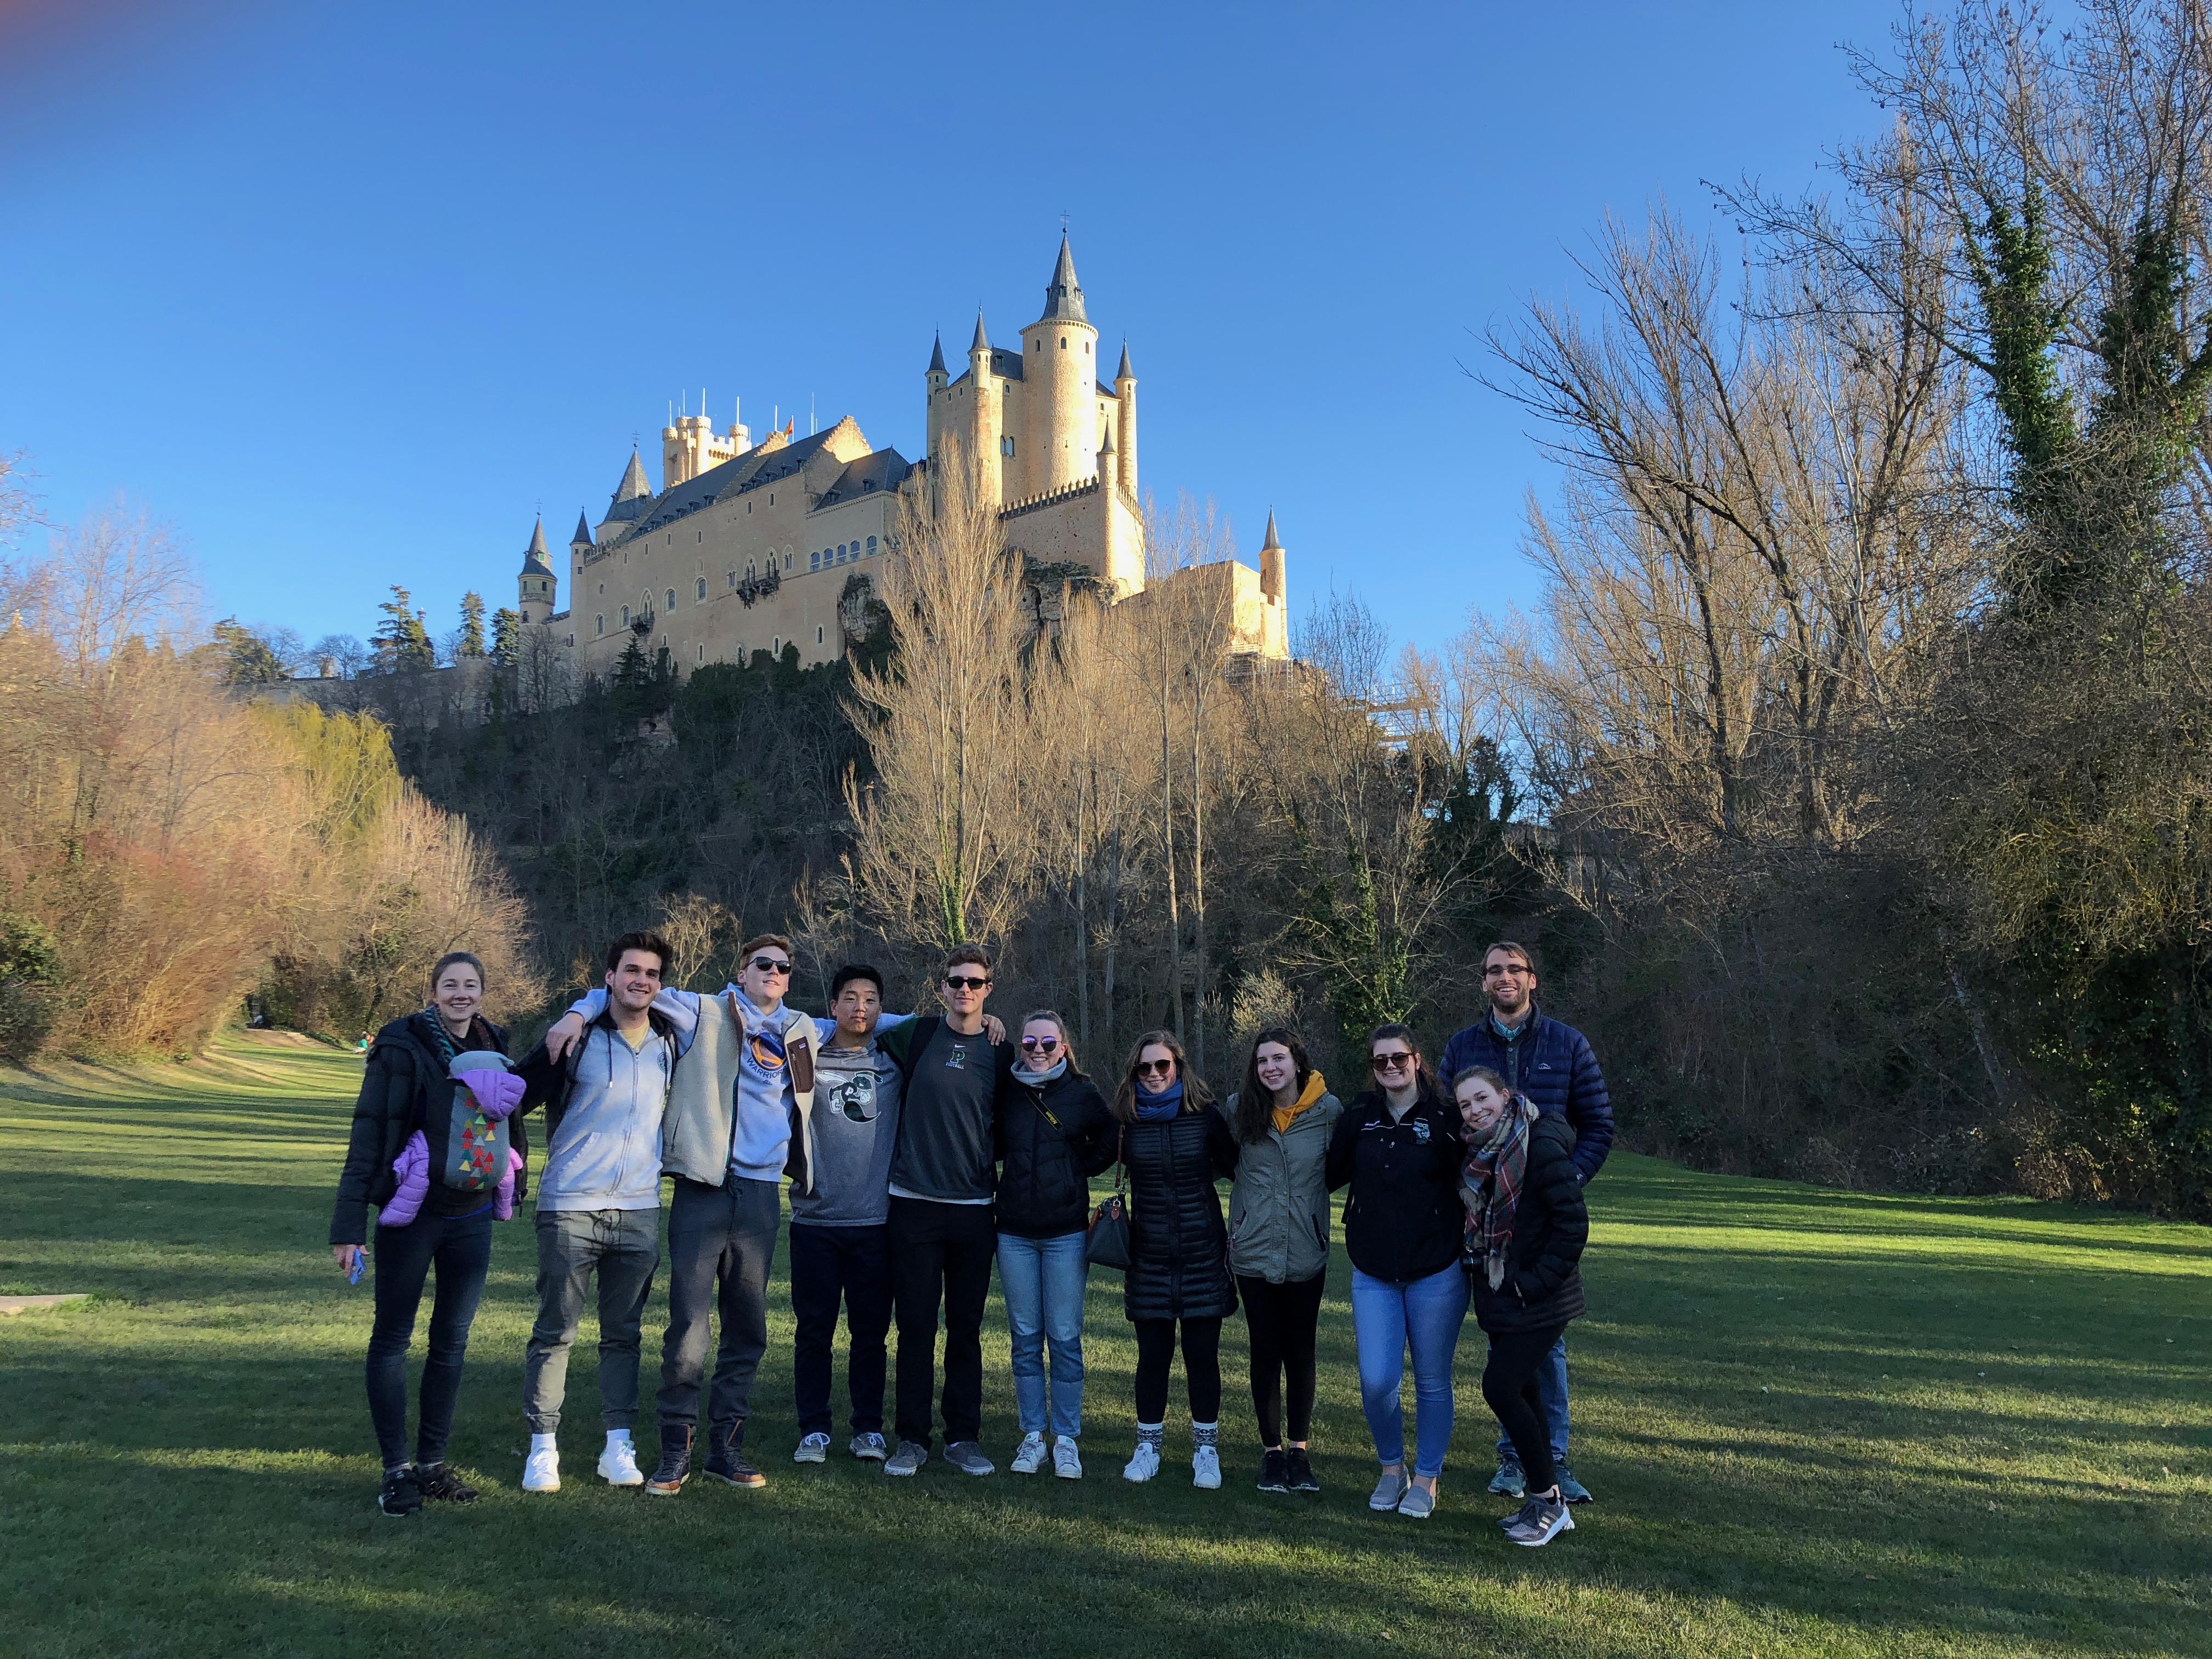 Proctor en Segovia below Segovia's castle or Alcáz